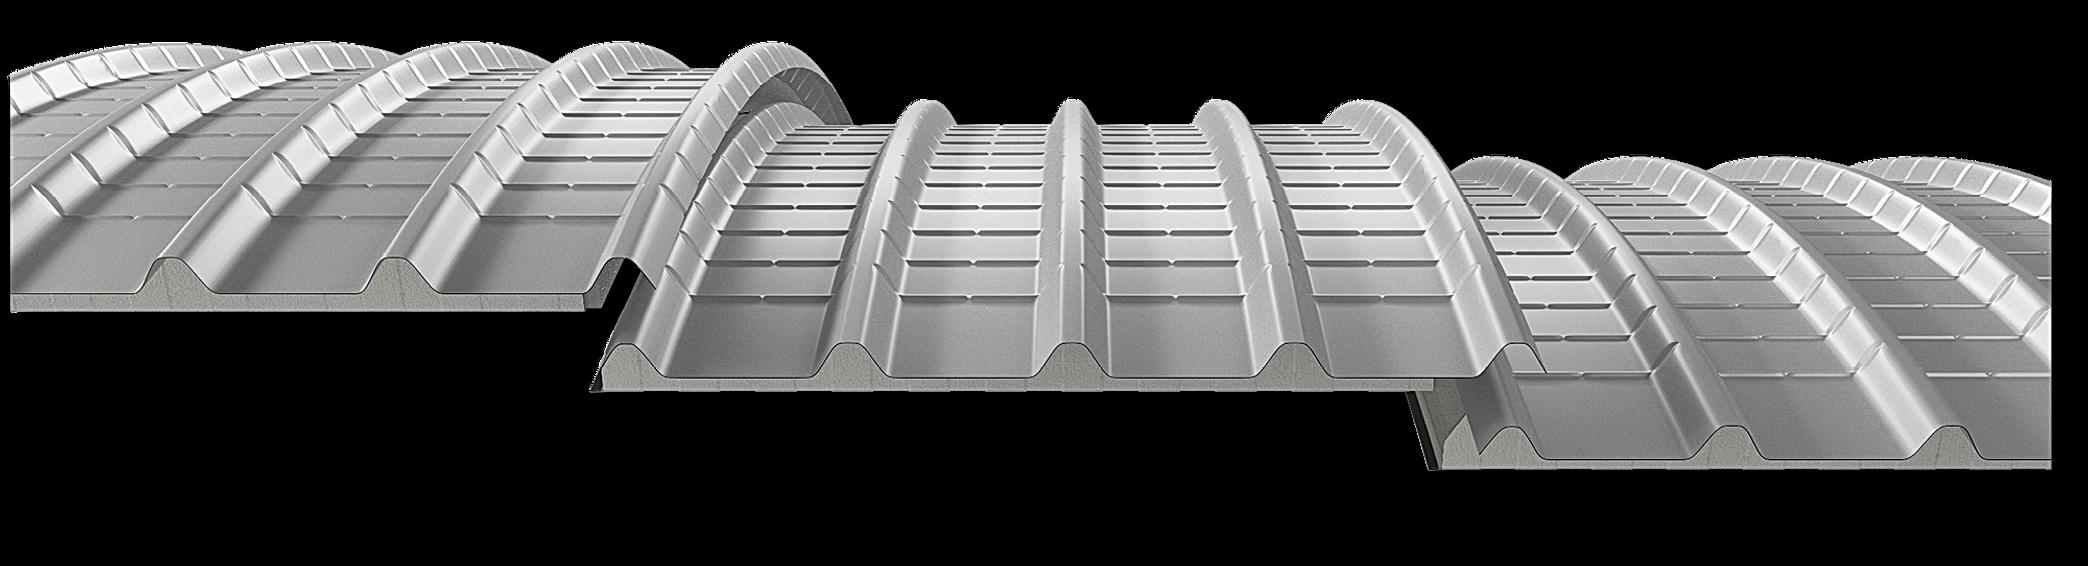 Pannelli curvati versione stampa 12-20.p